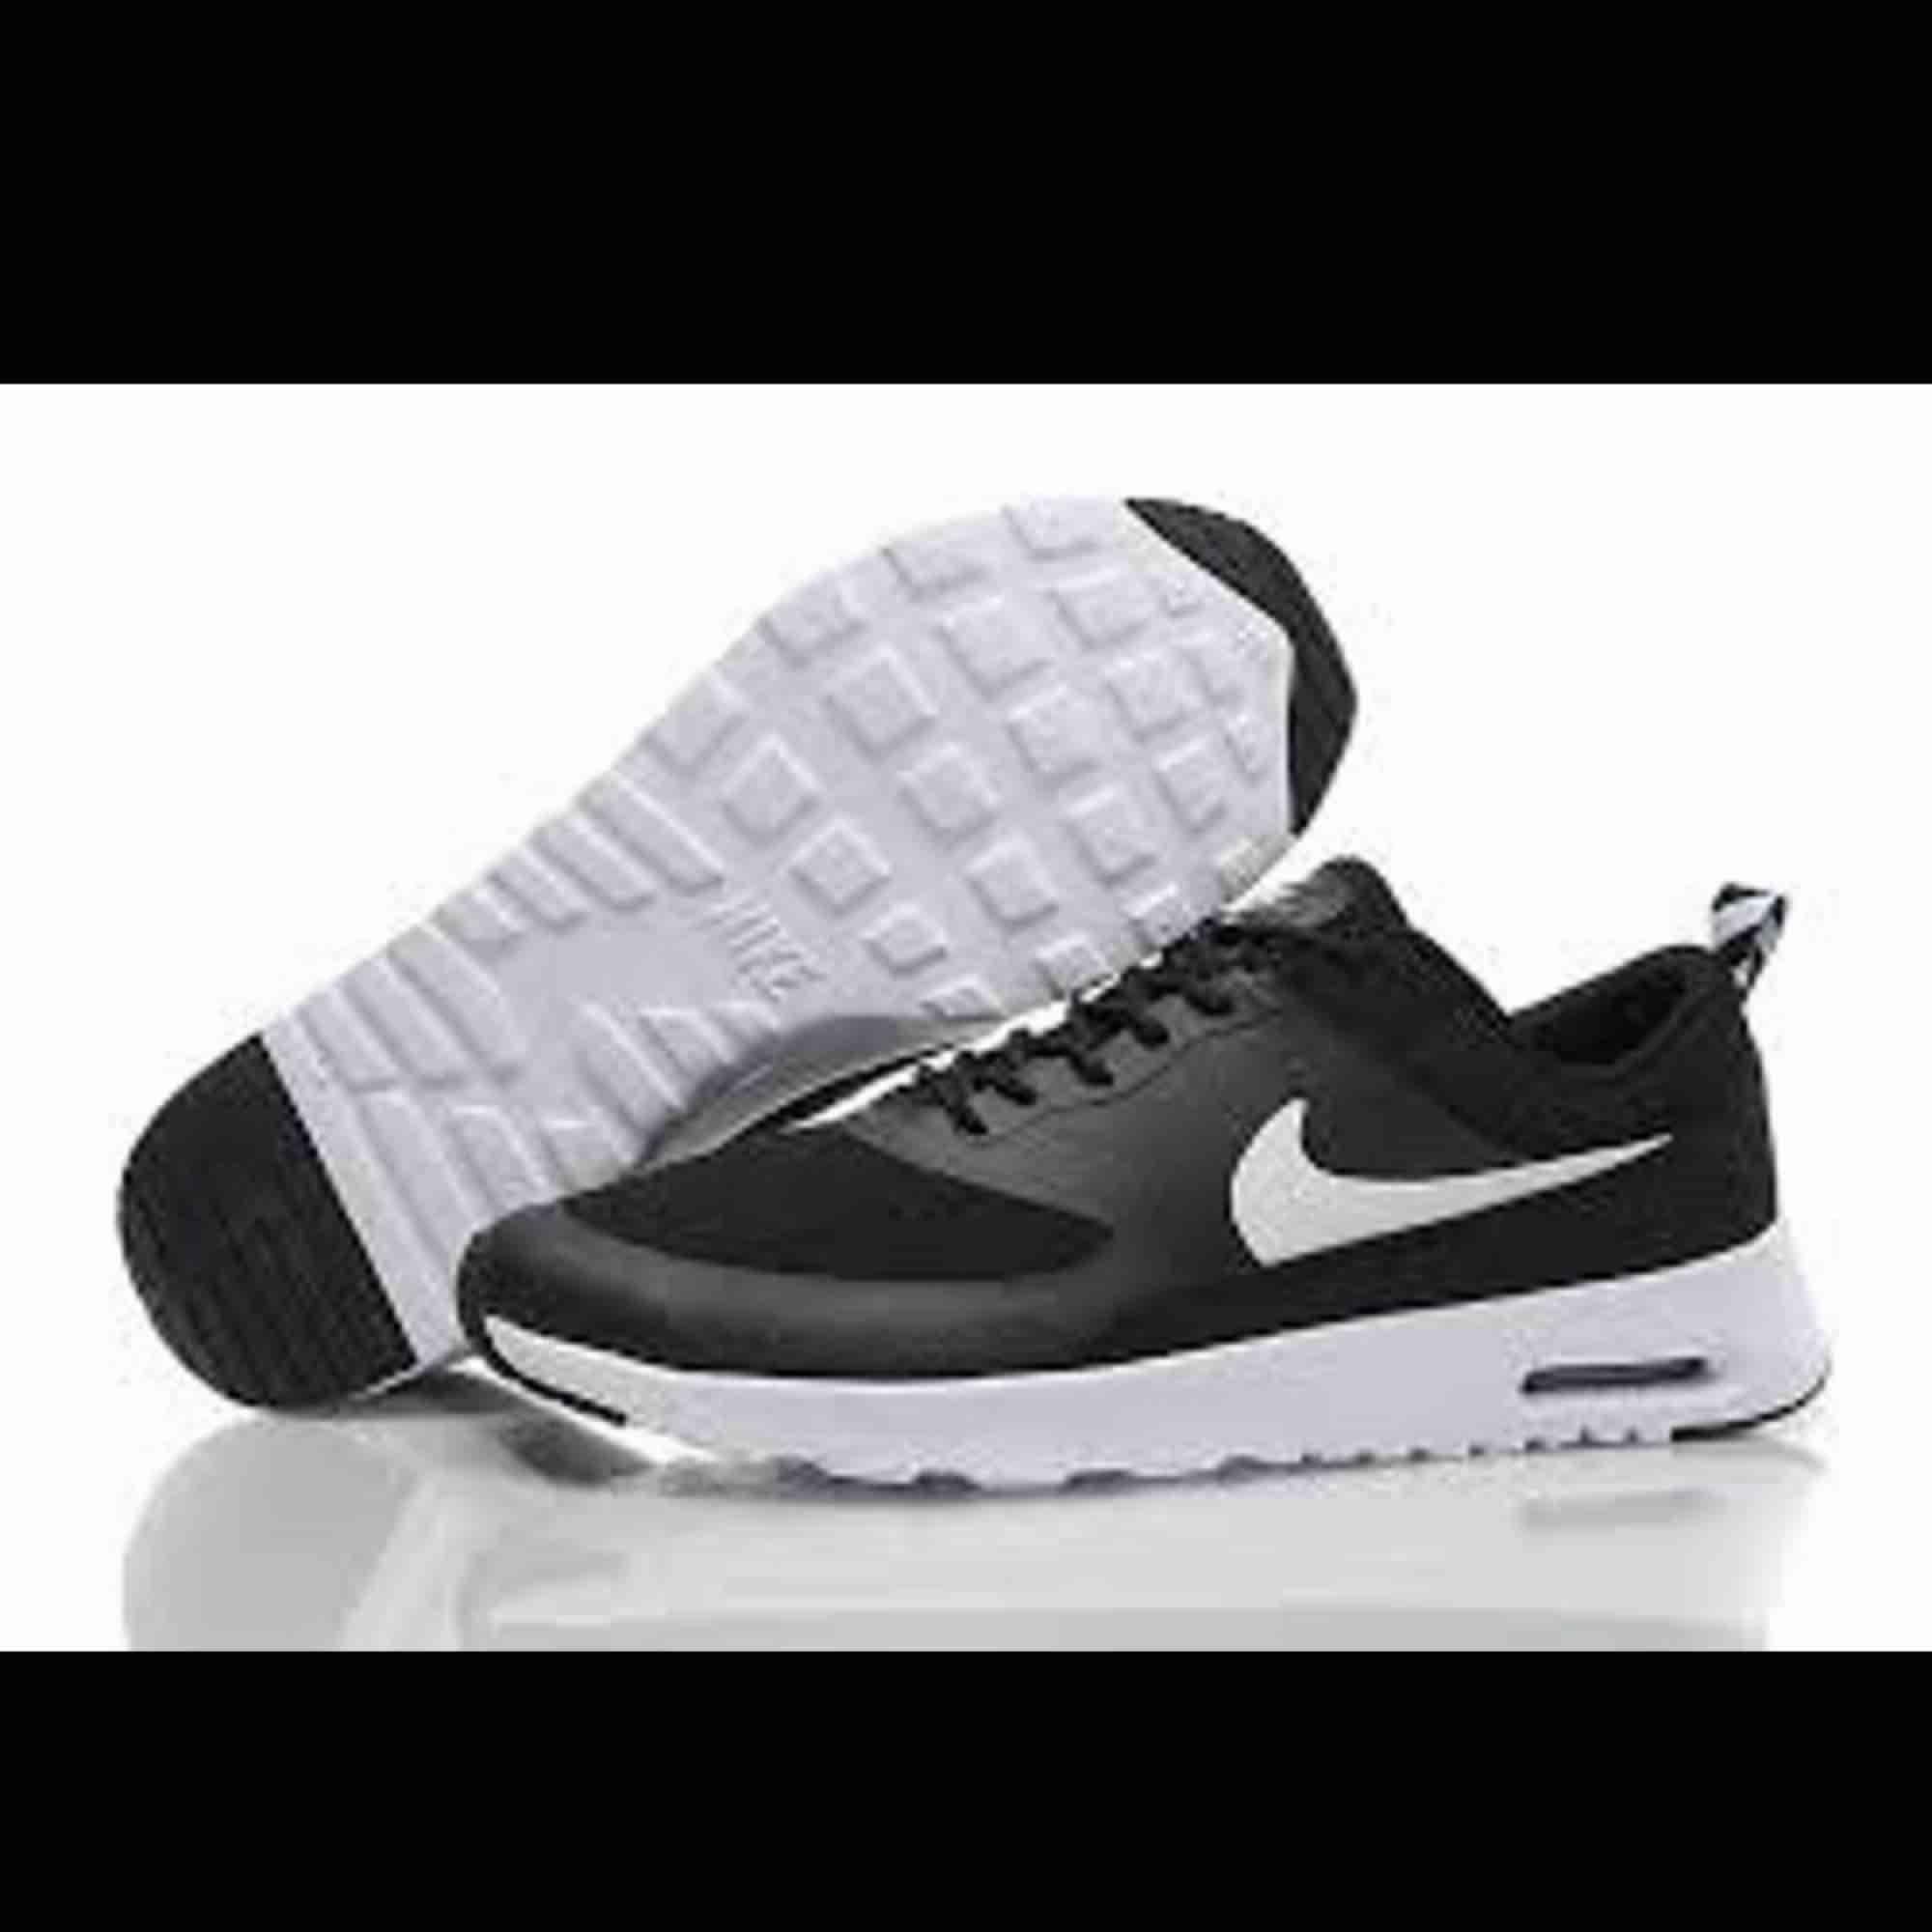 Nike thea air finns i nyskick. Frakt tillkommer. Skor.